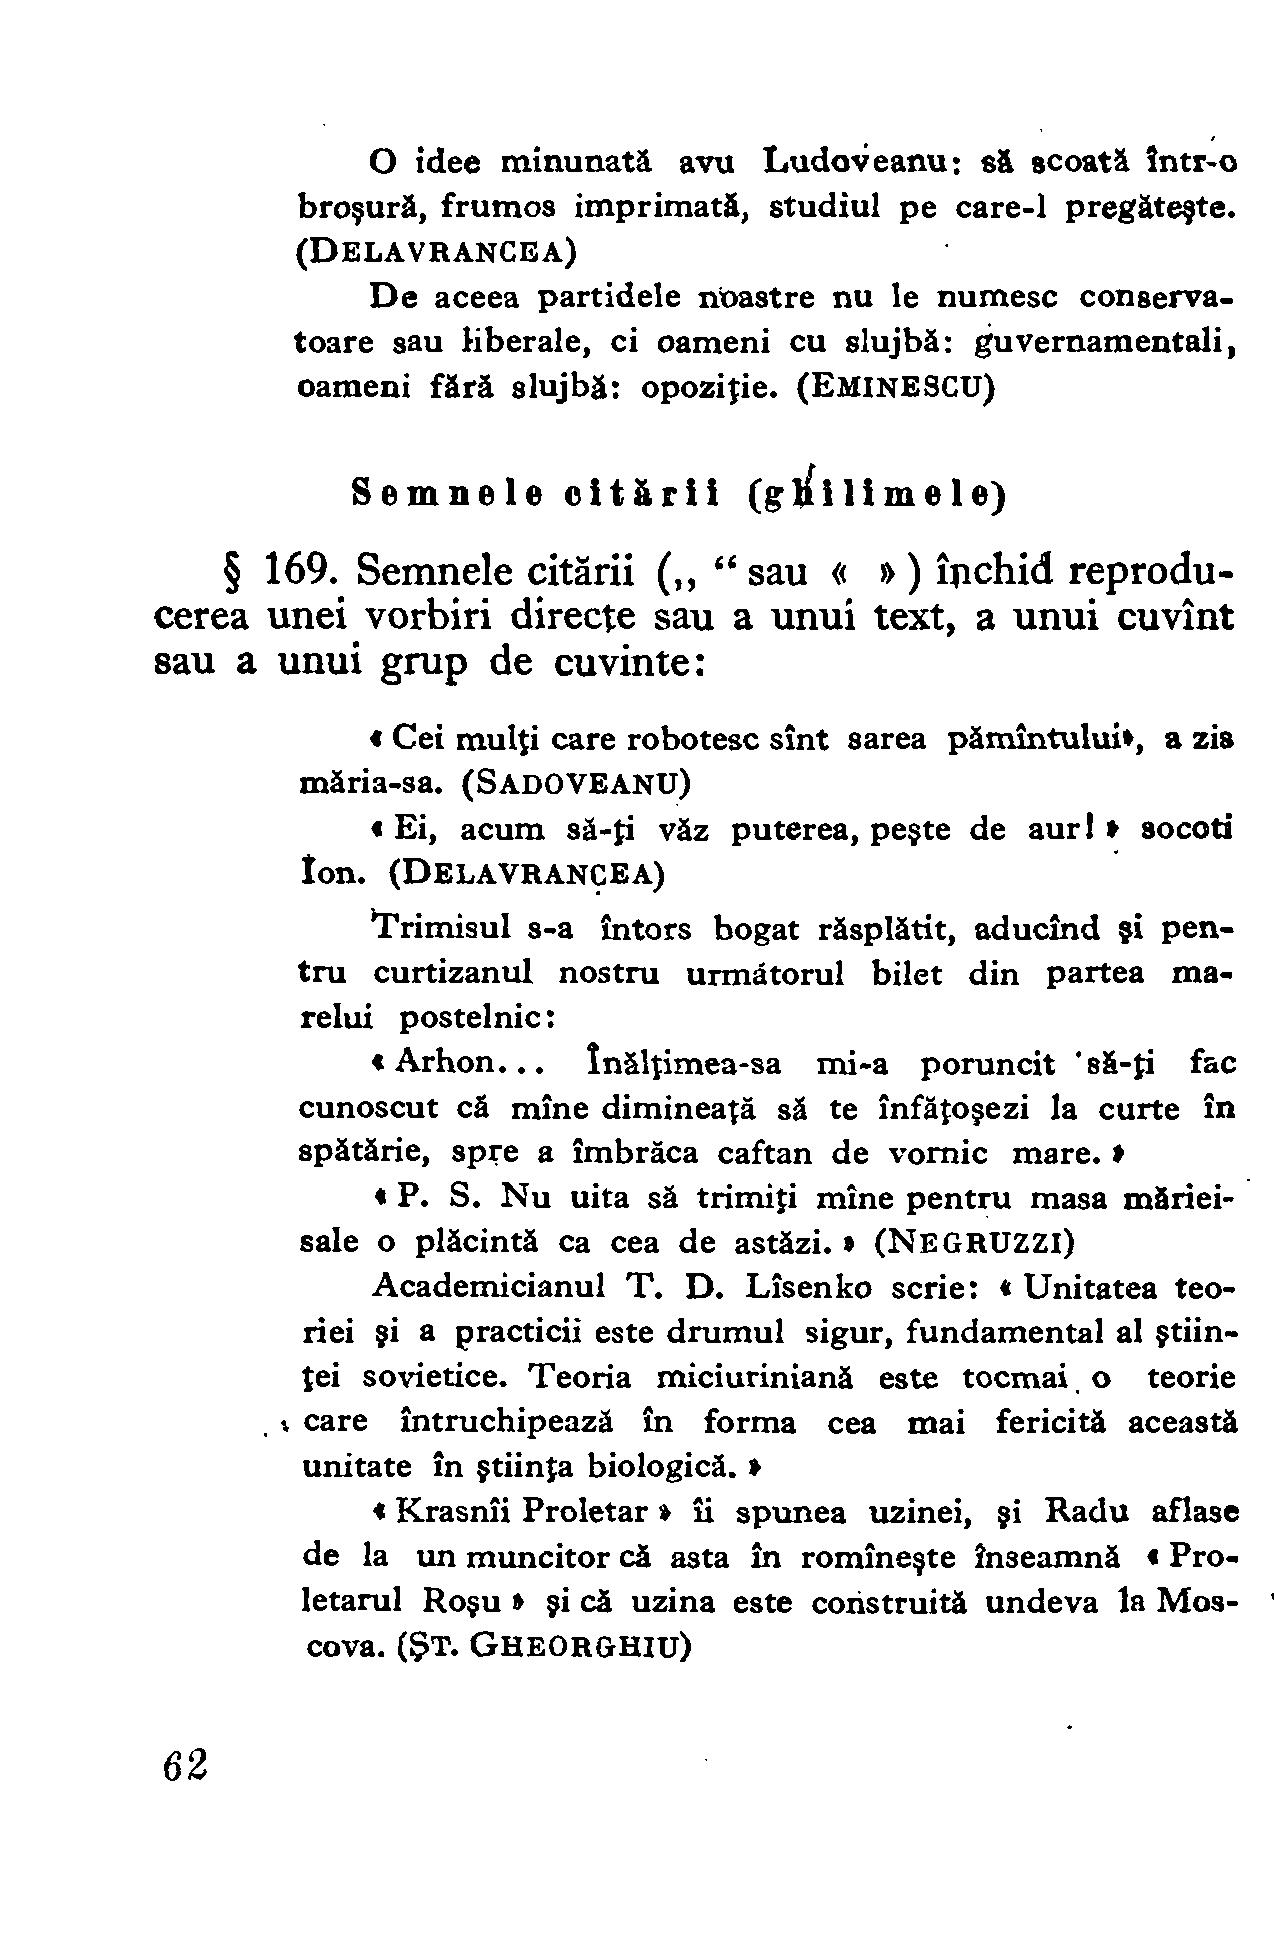 1954 - Mic dicționar ortografic (60).png